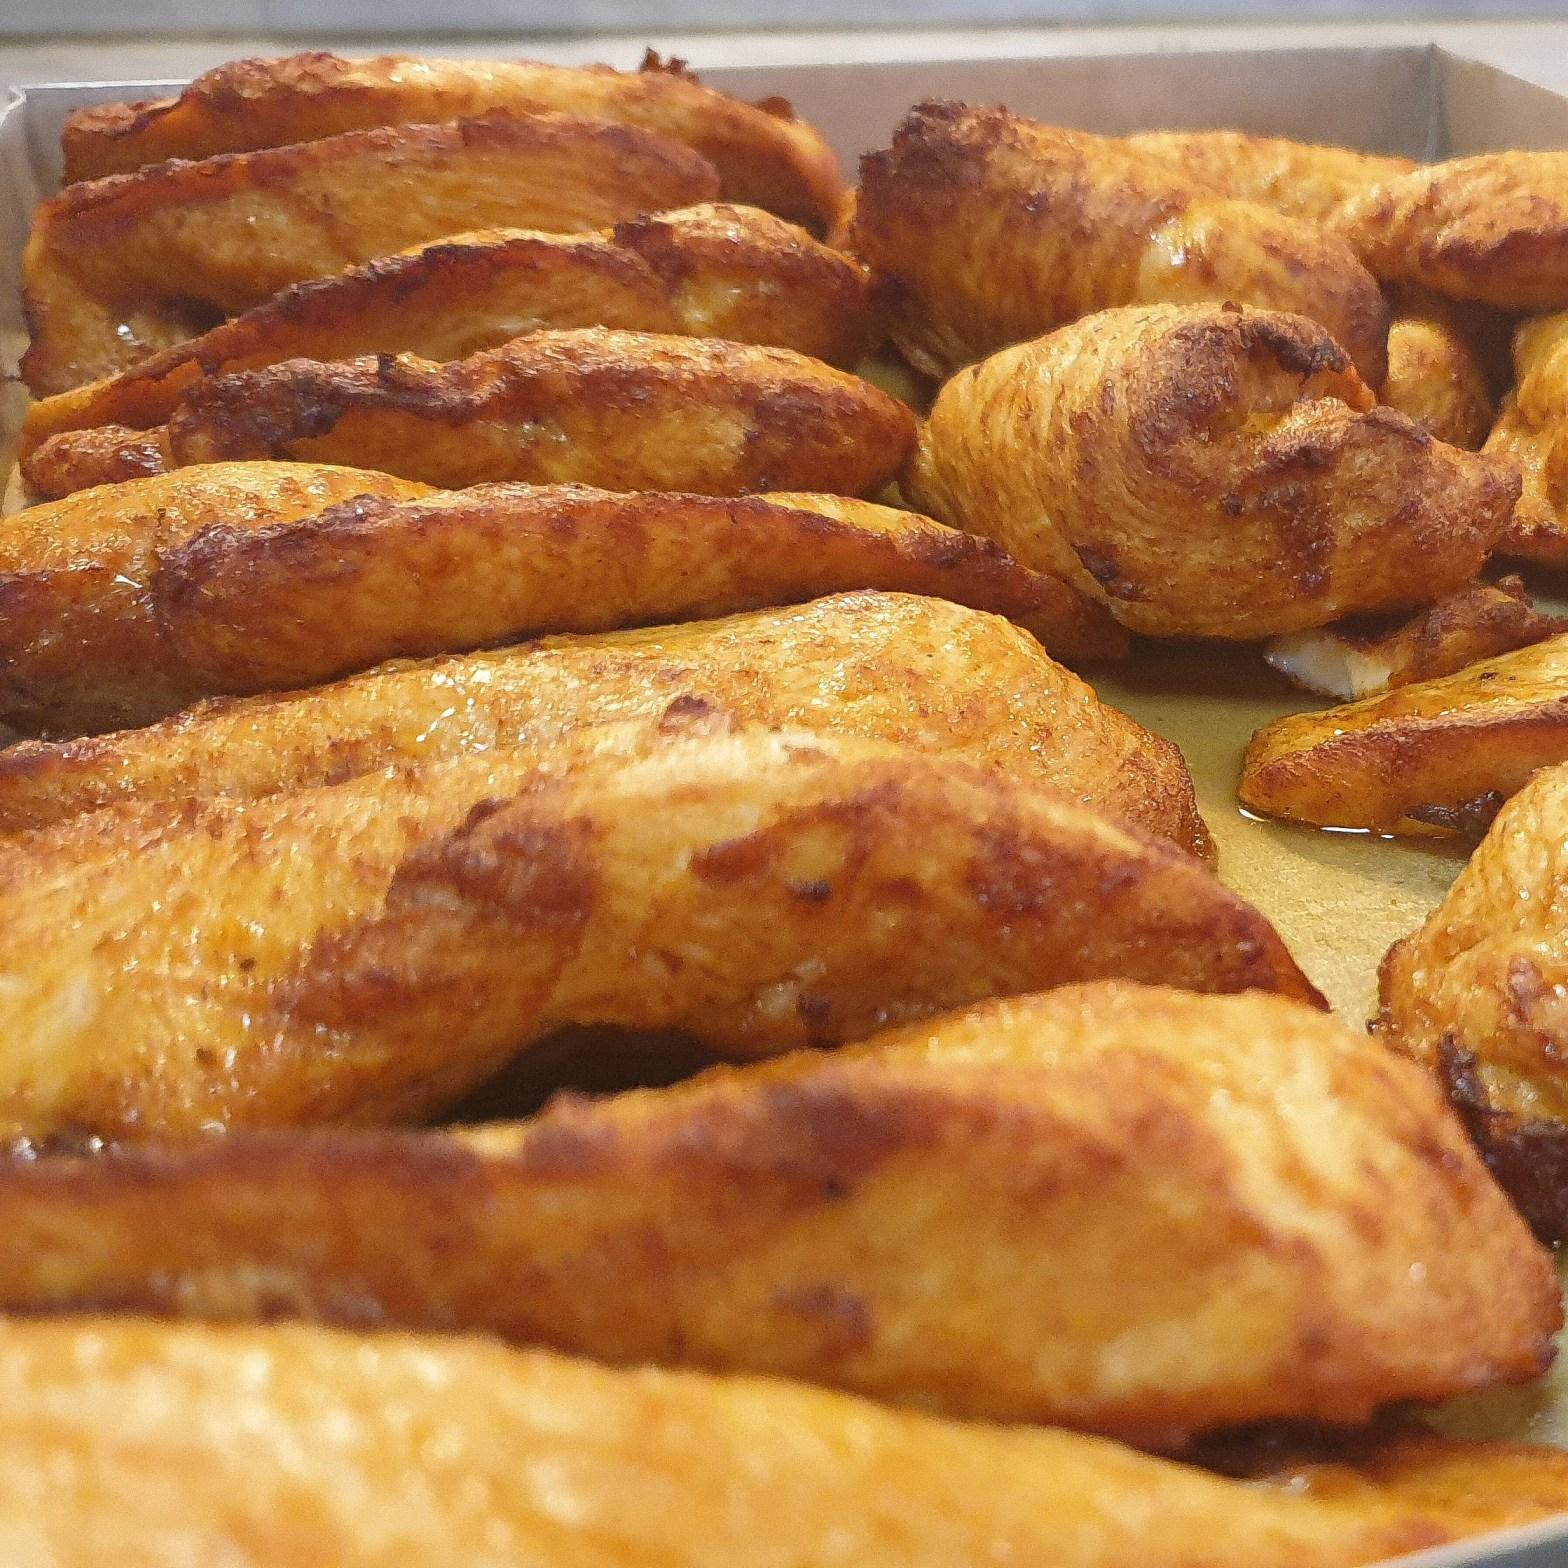 Kycklingfiléer till kycklinggyros / kycklingkebab i Slussen på Södermalm i Stockholm